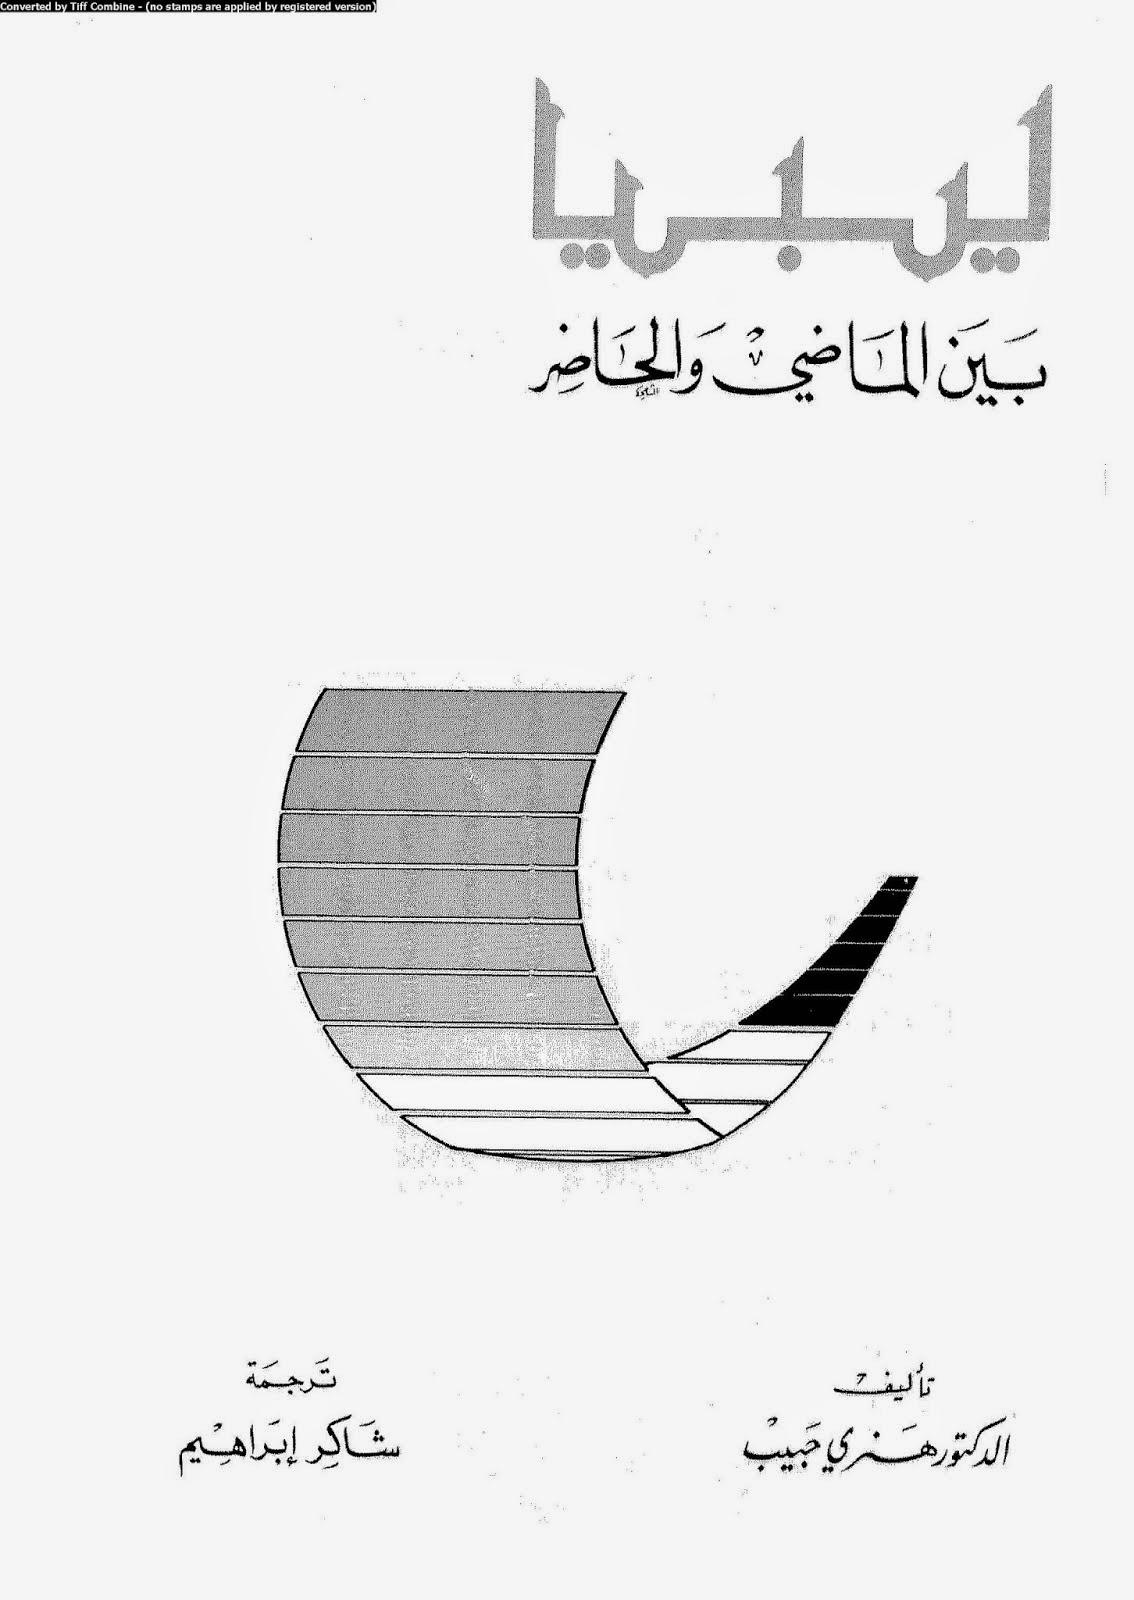 حمل الكتاب ليبيا بين الماضي والحاضر لـ الدكتور هنري حبيبر